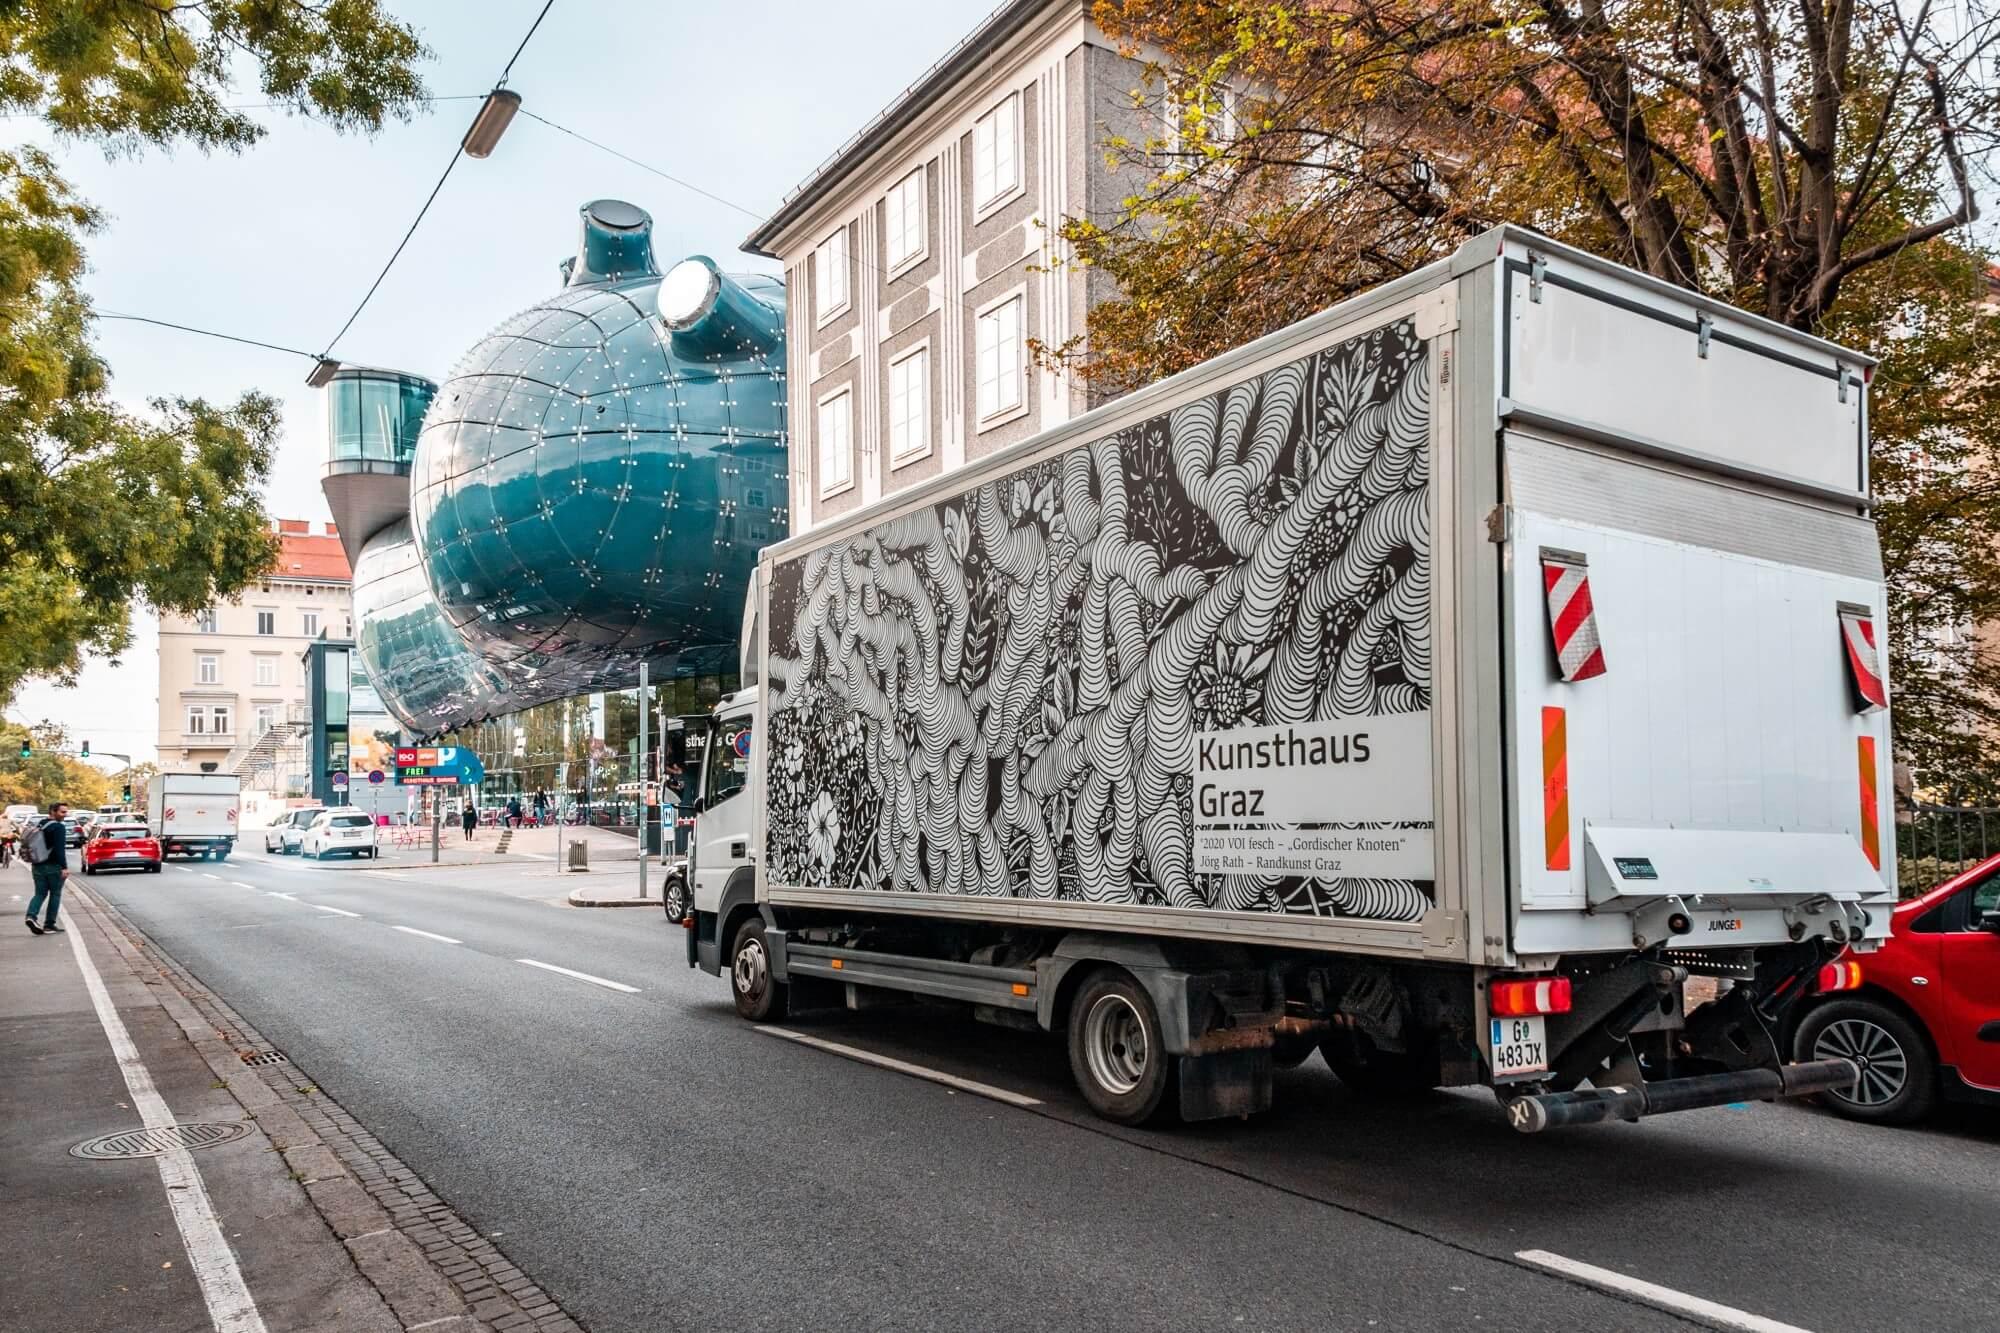 """Der LKW vom Kunsthaus Graz, welcher mit dem Motiv """"Gordischer Knoten"""" von Jörg Rath beklebt ist. Im Hintergrund ist das Gebäude vom Kunsthaus Graz zu sehen."""